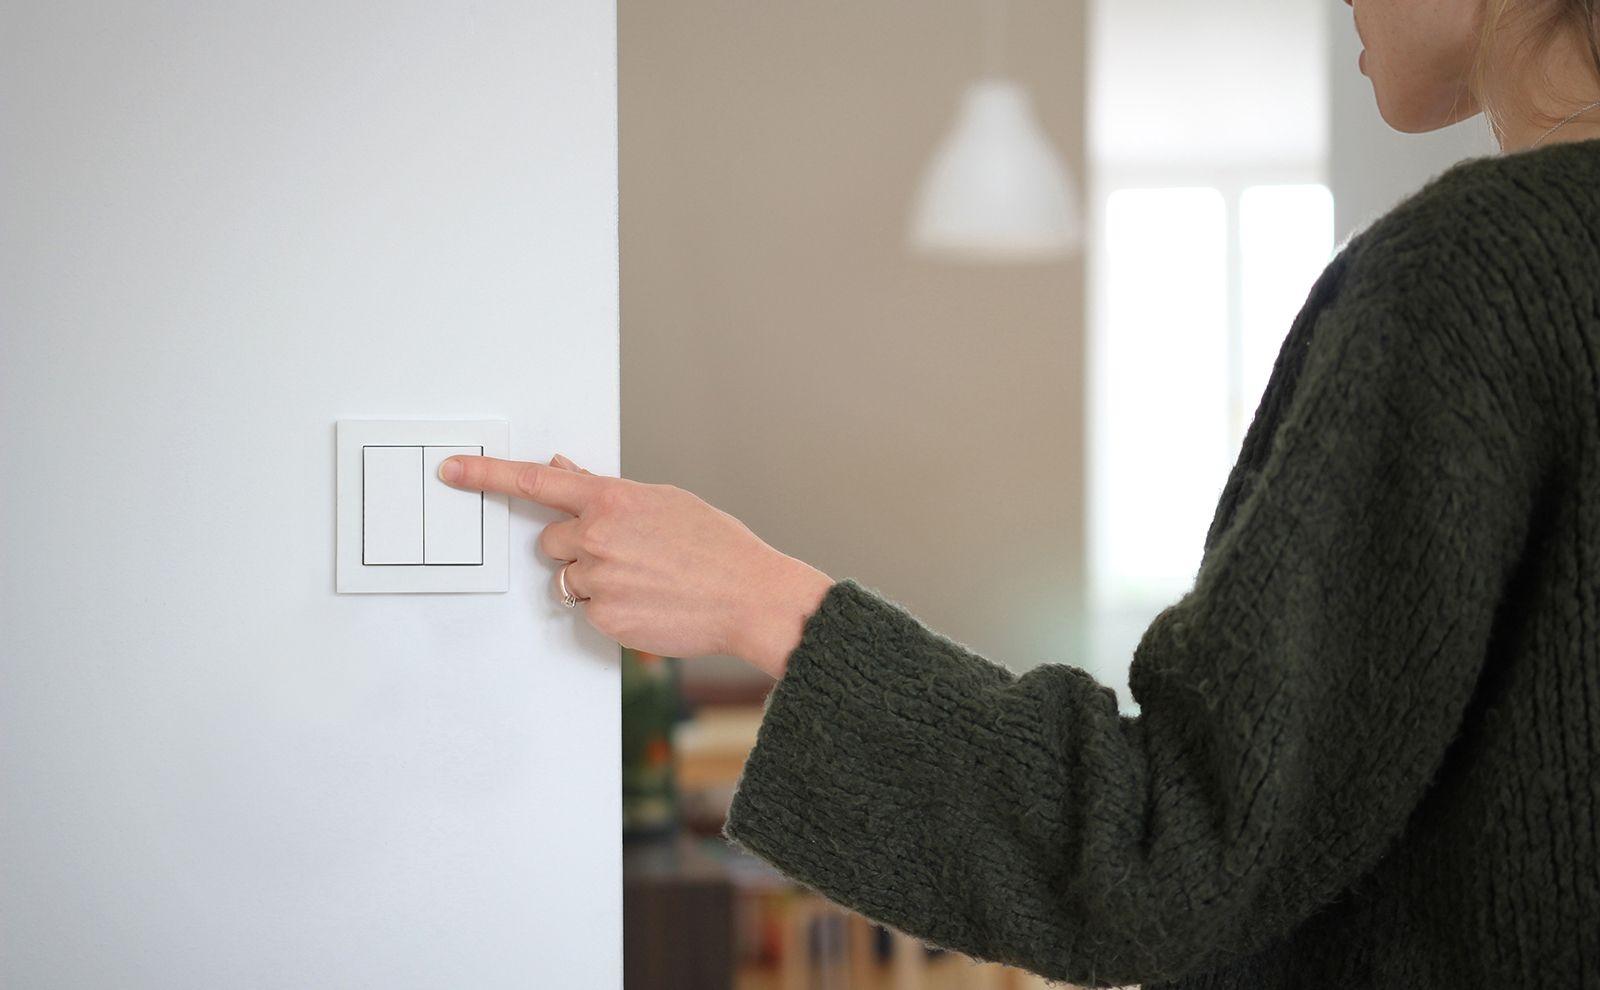 Frau drückt Friends of Hue-Schalter an der Wand